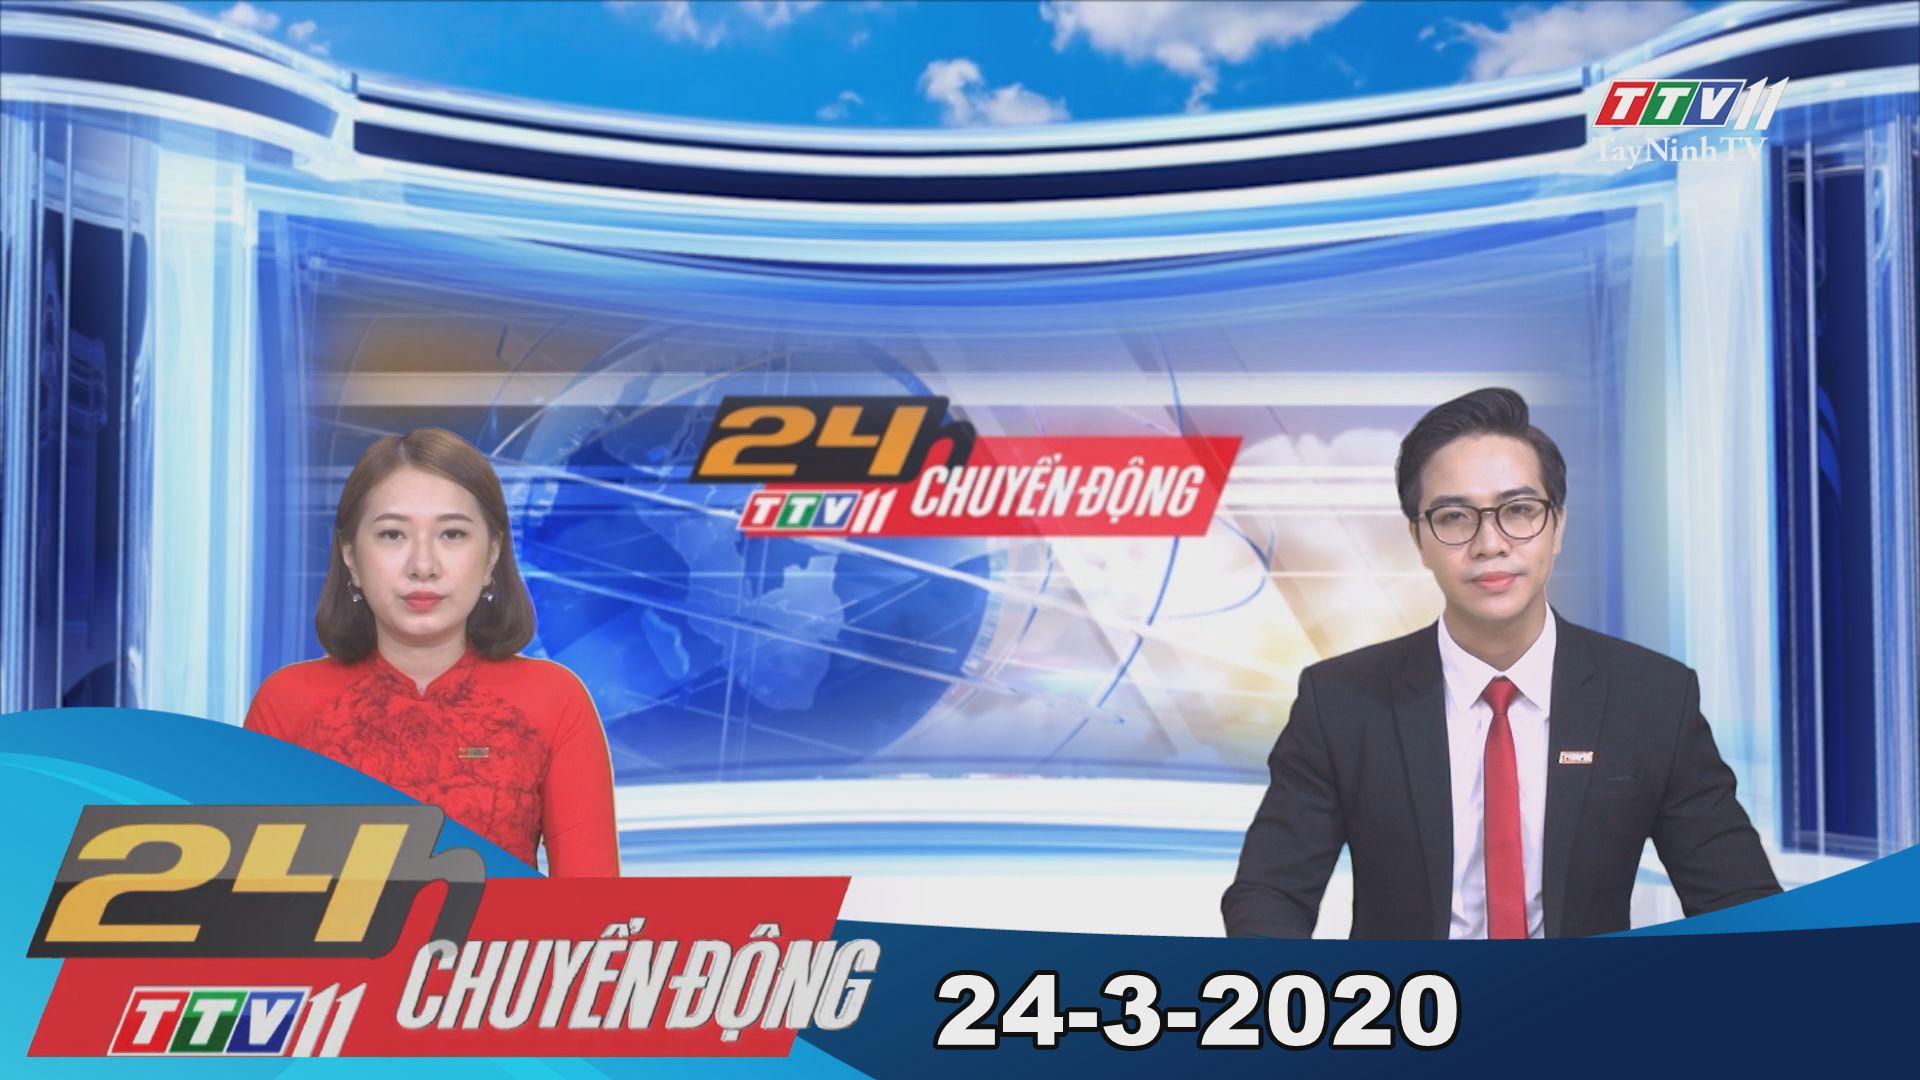 24h Chuyển động 24-3-2020 | Tin tức hôm nay | TayNinhTV